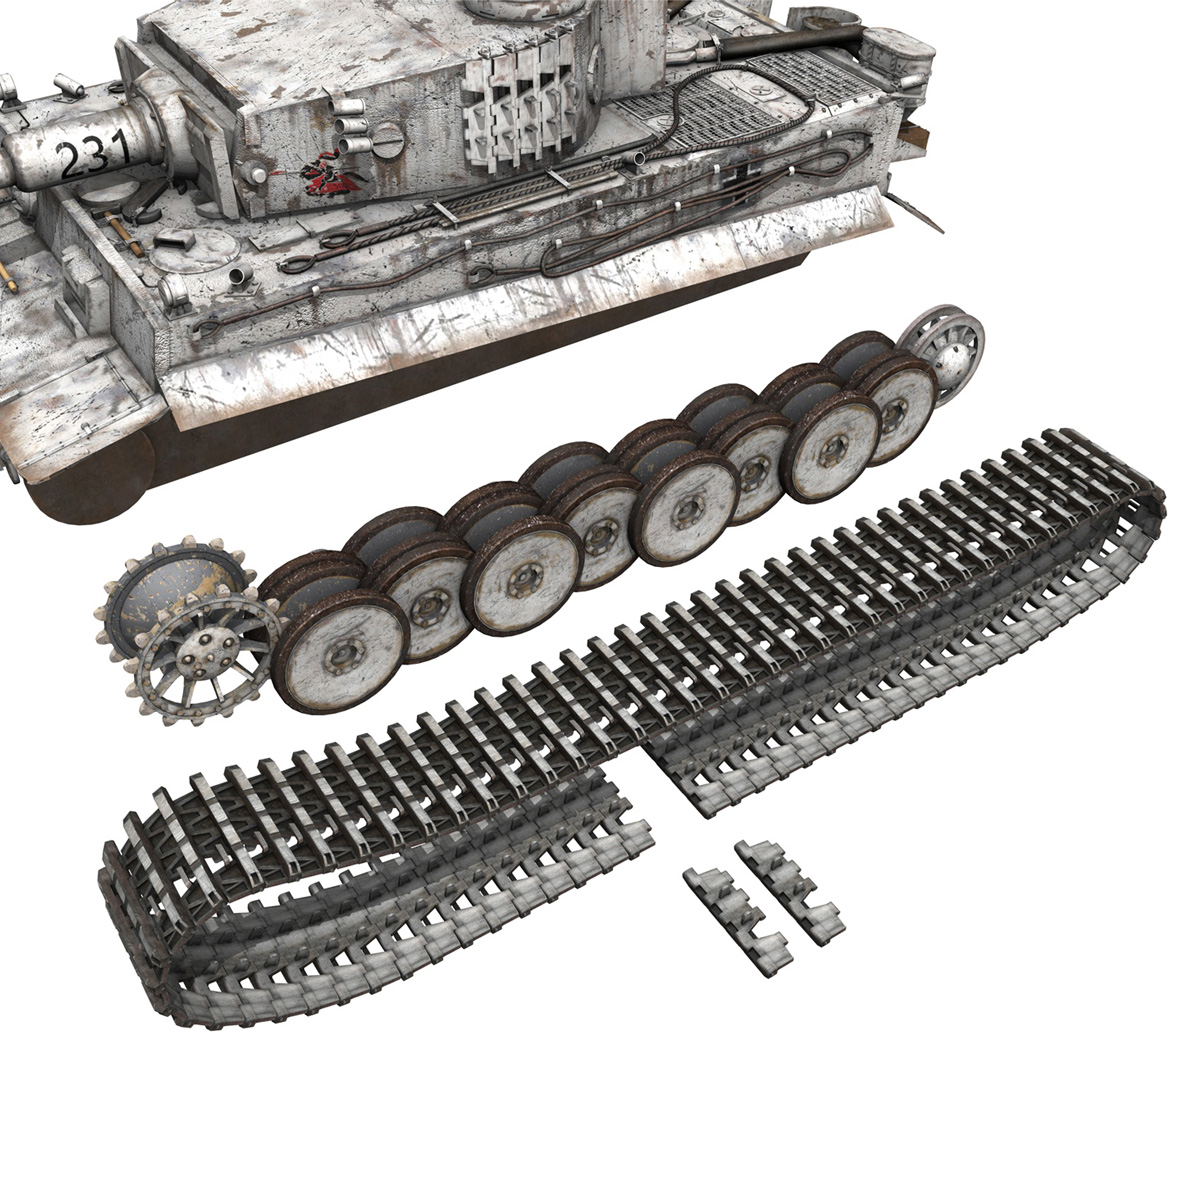 panzer vi – tiger – 231 – early production 3d model 3ds fbx c4d lwo obj 220731